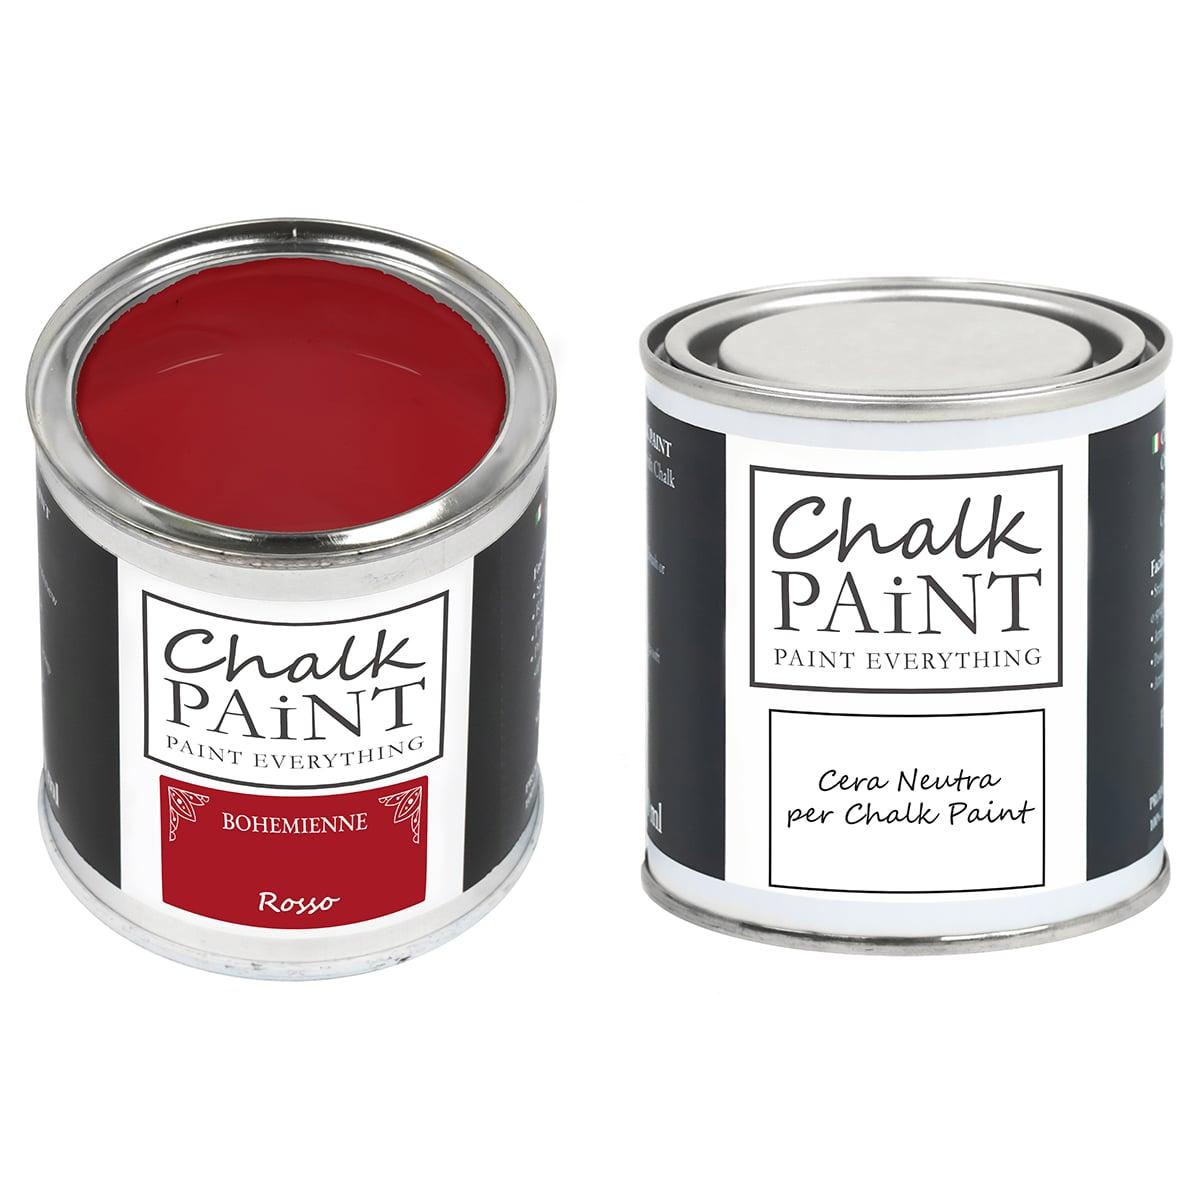 Rosso Chalk paint e cera in offerta decora facile con paint magic